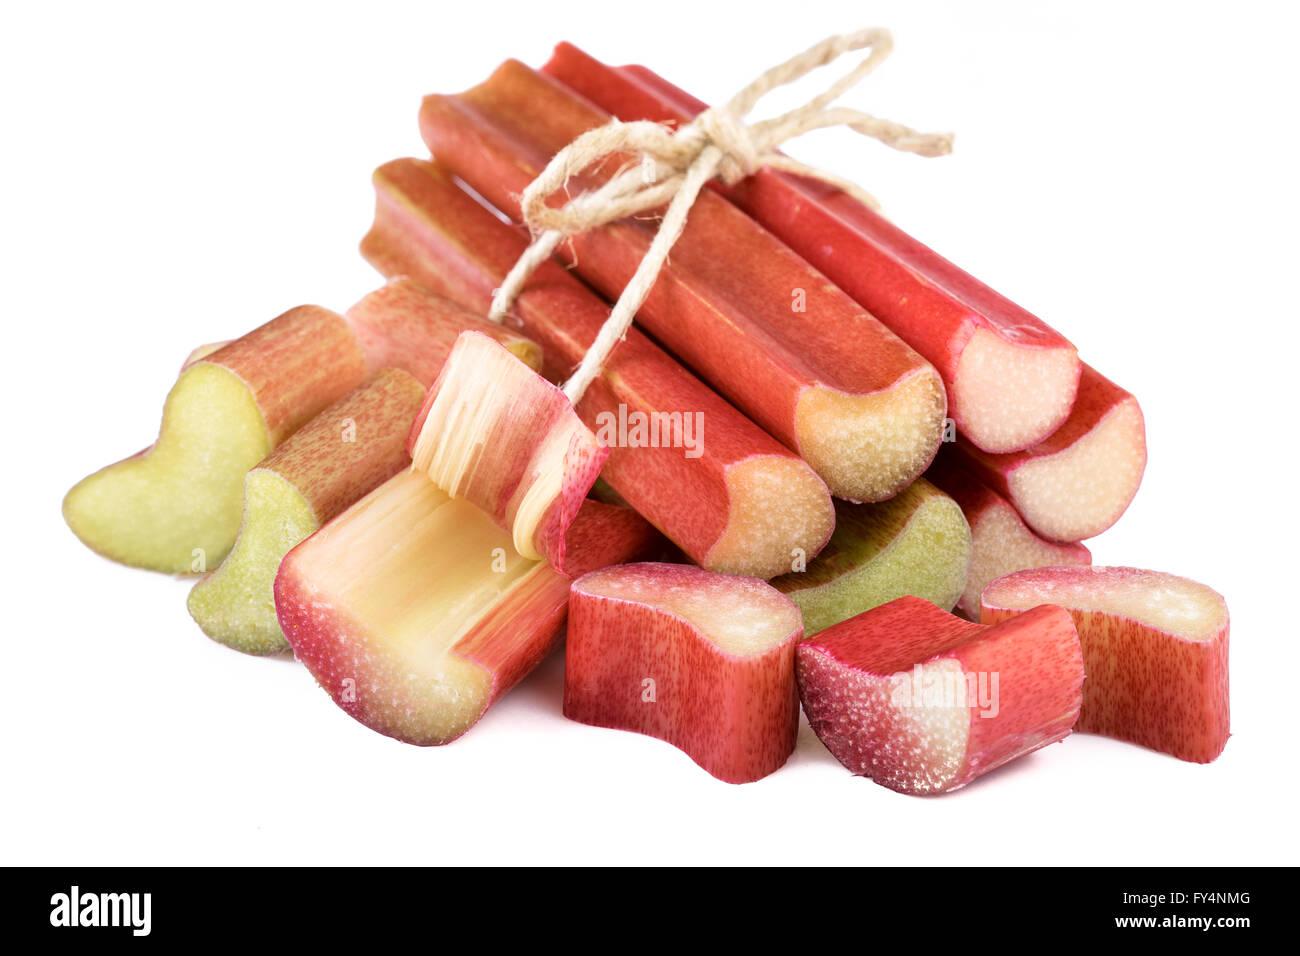 rhubarb stalks on white background - Stock Image